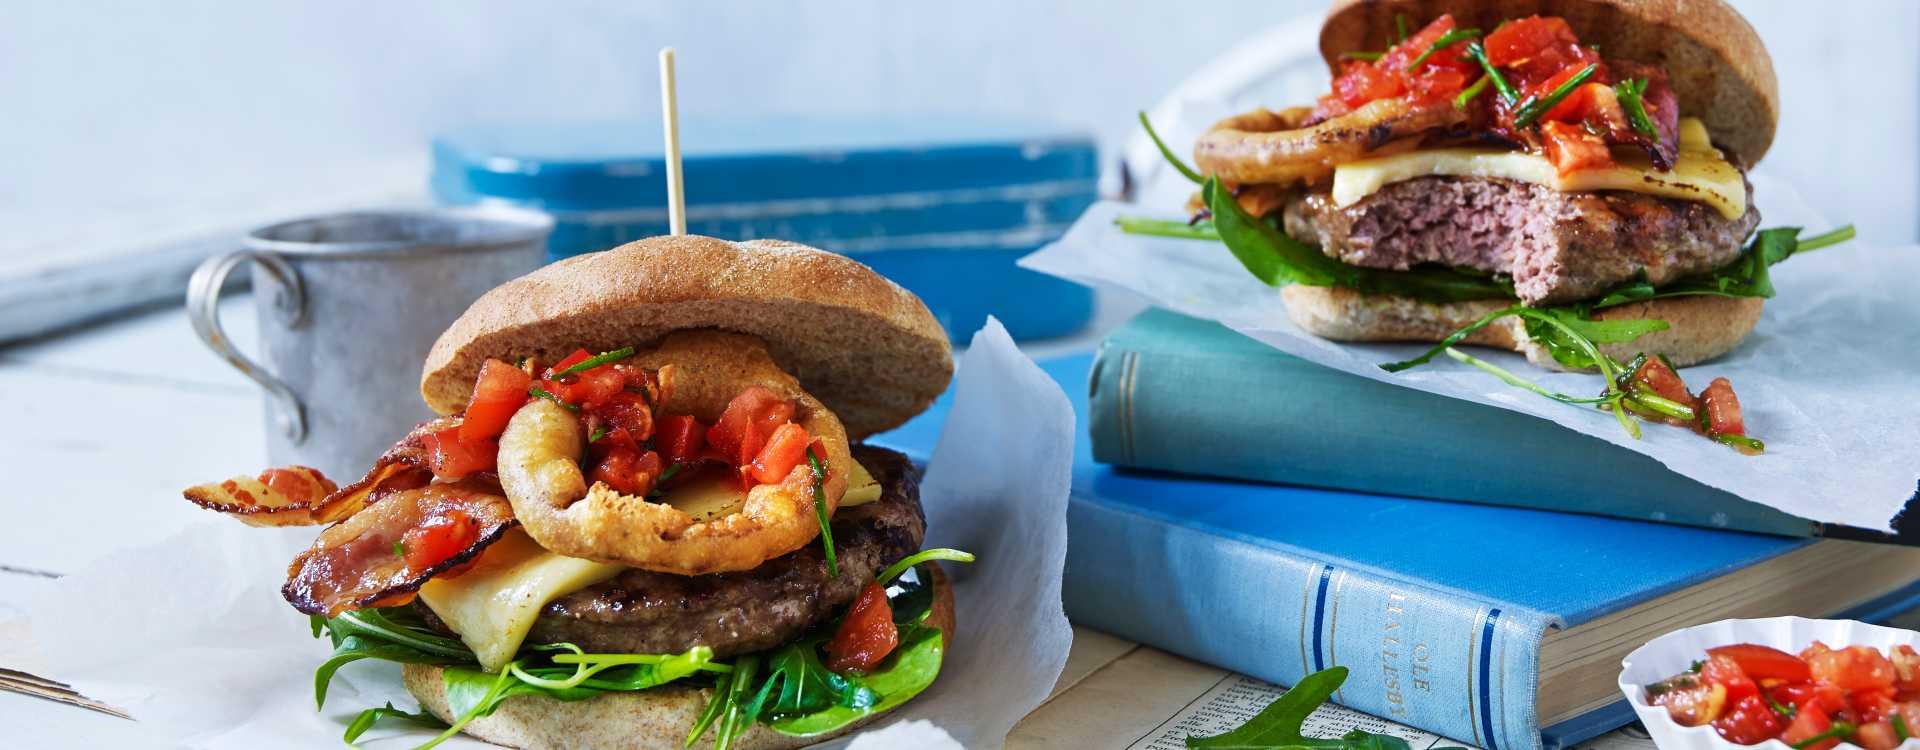 Grillede hamburgere med crispy løkringer og ingefærsalsa